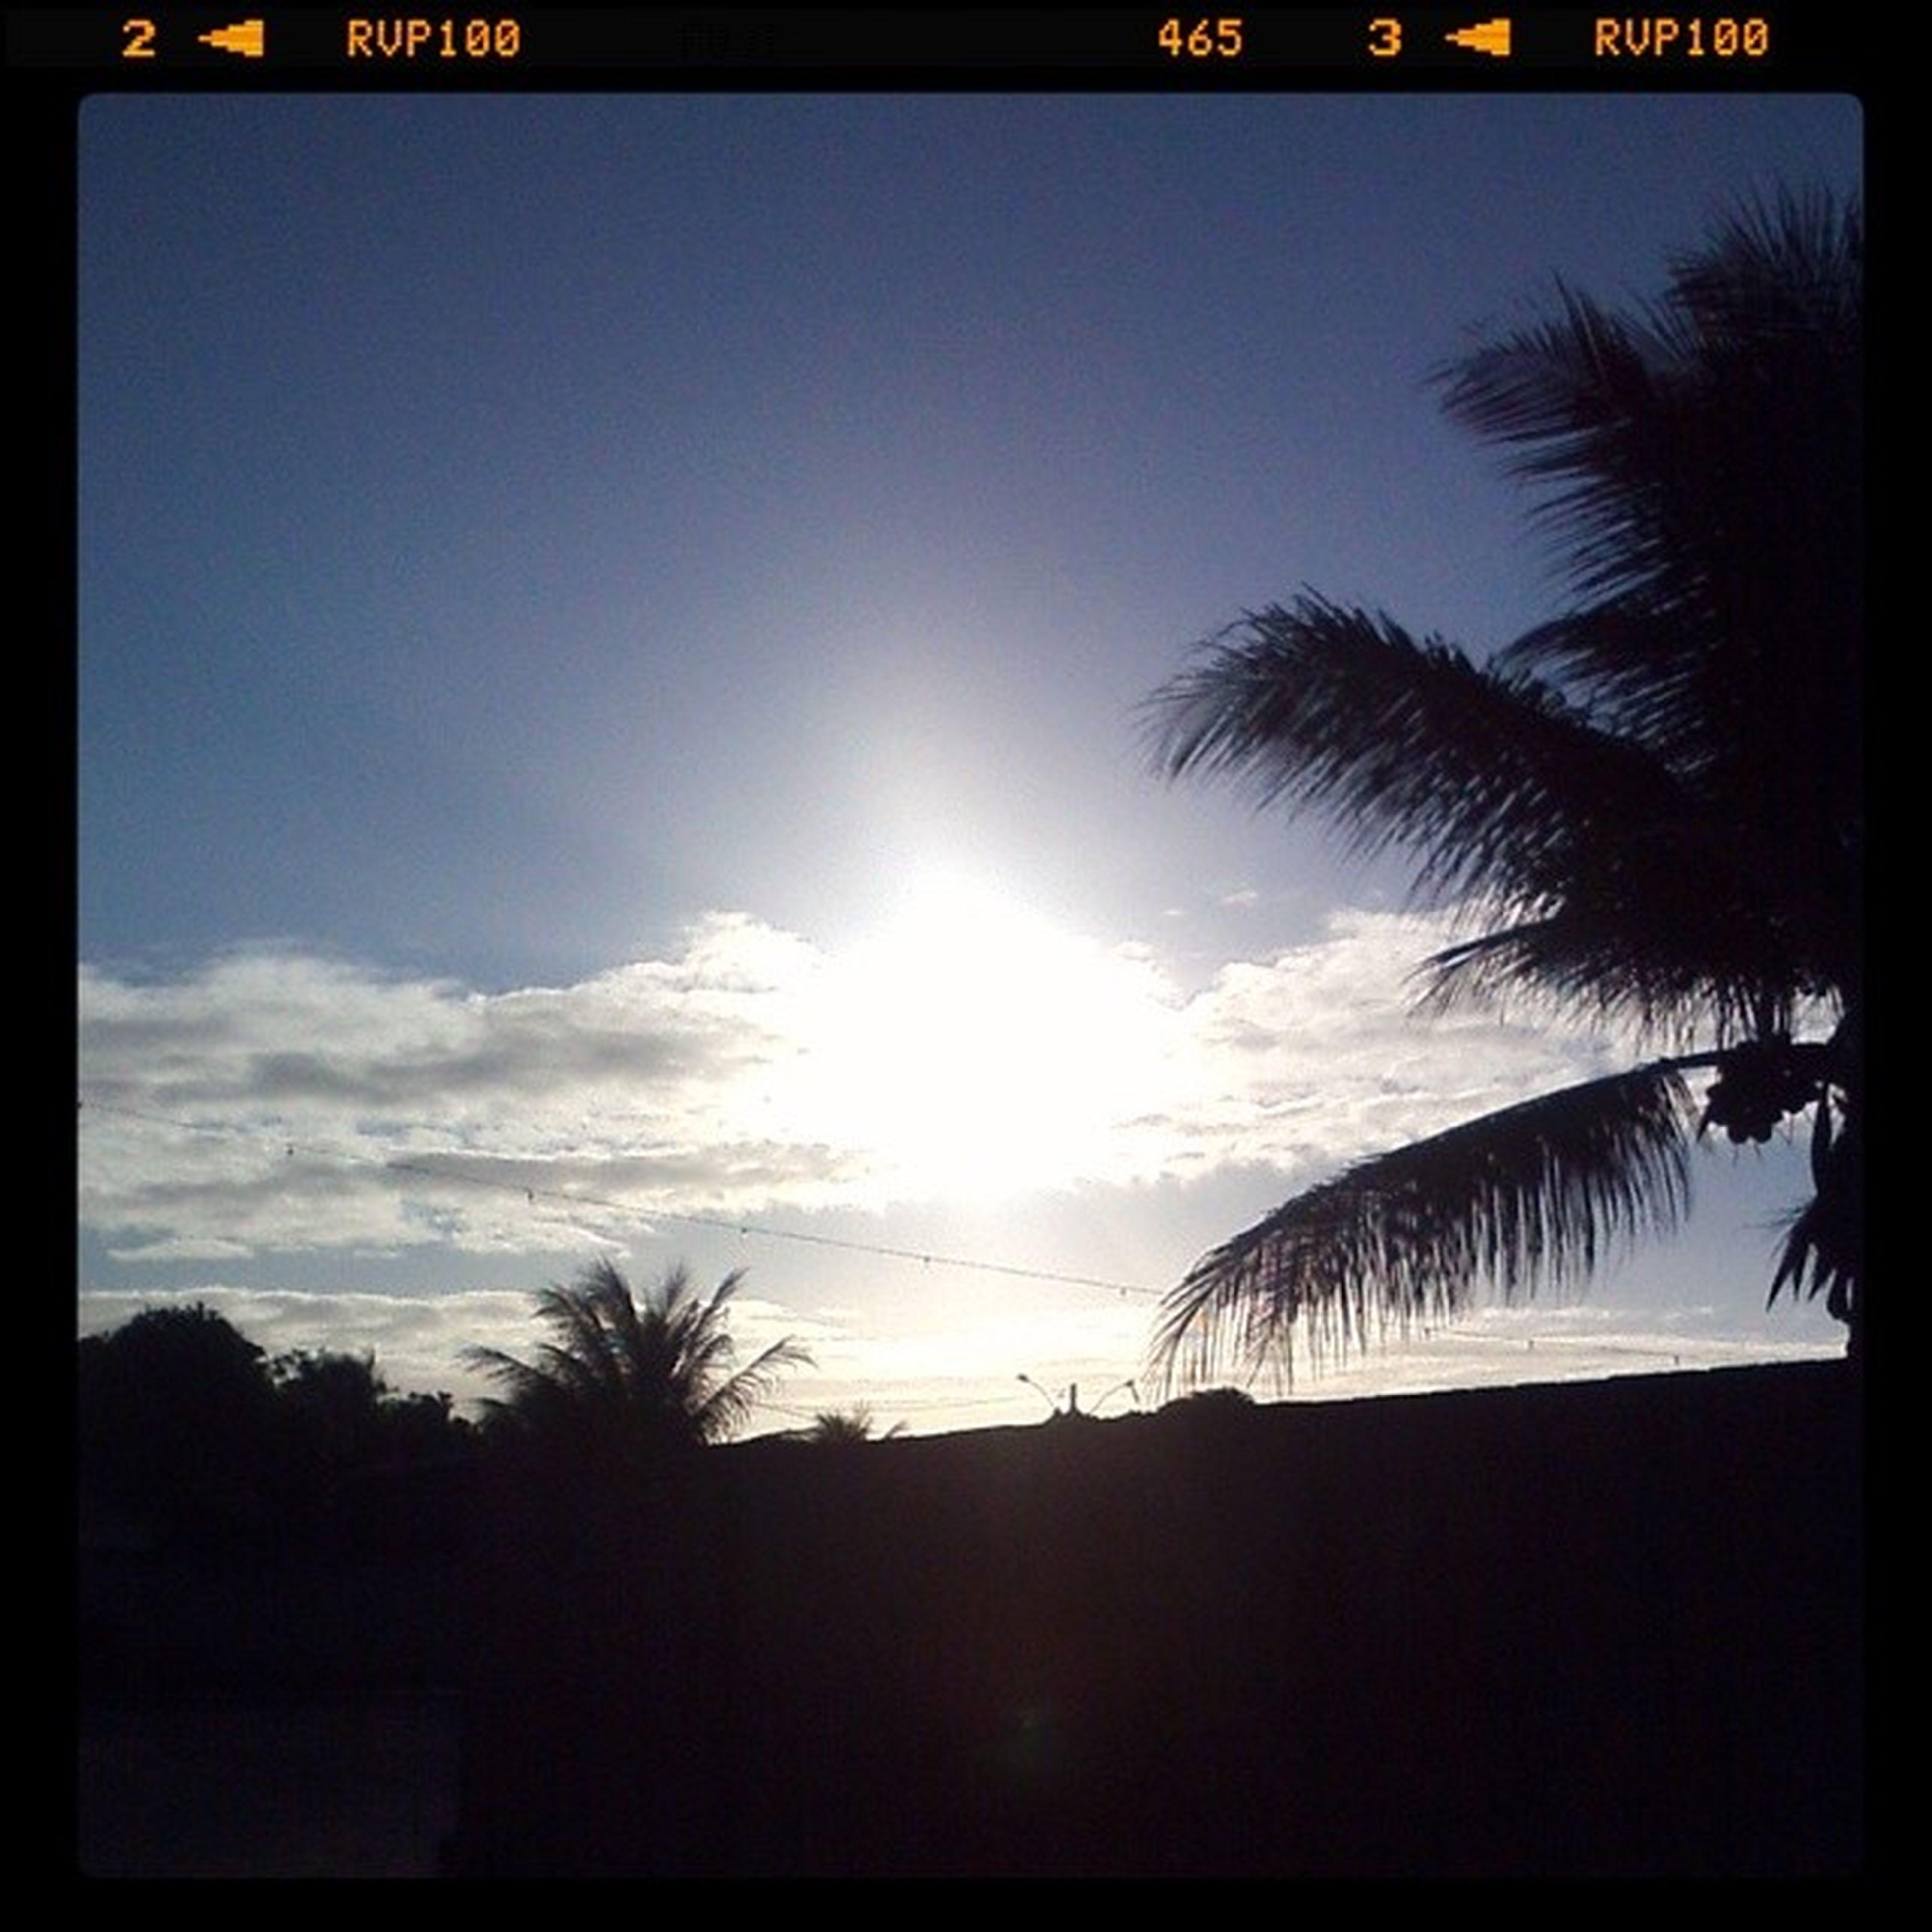 - Hj eh Sexta!! Eeeee... Vamu farriar até Domingo de 00:00..... E o sol ki nao aparece como bola -_-.. SEXTA Eu Sol KdABola Nam Domingo VontadeDeBaterNaKraDoCachorro